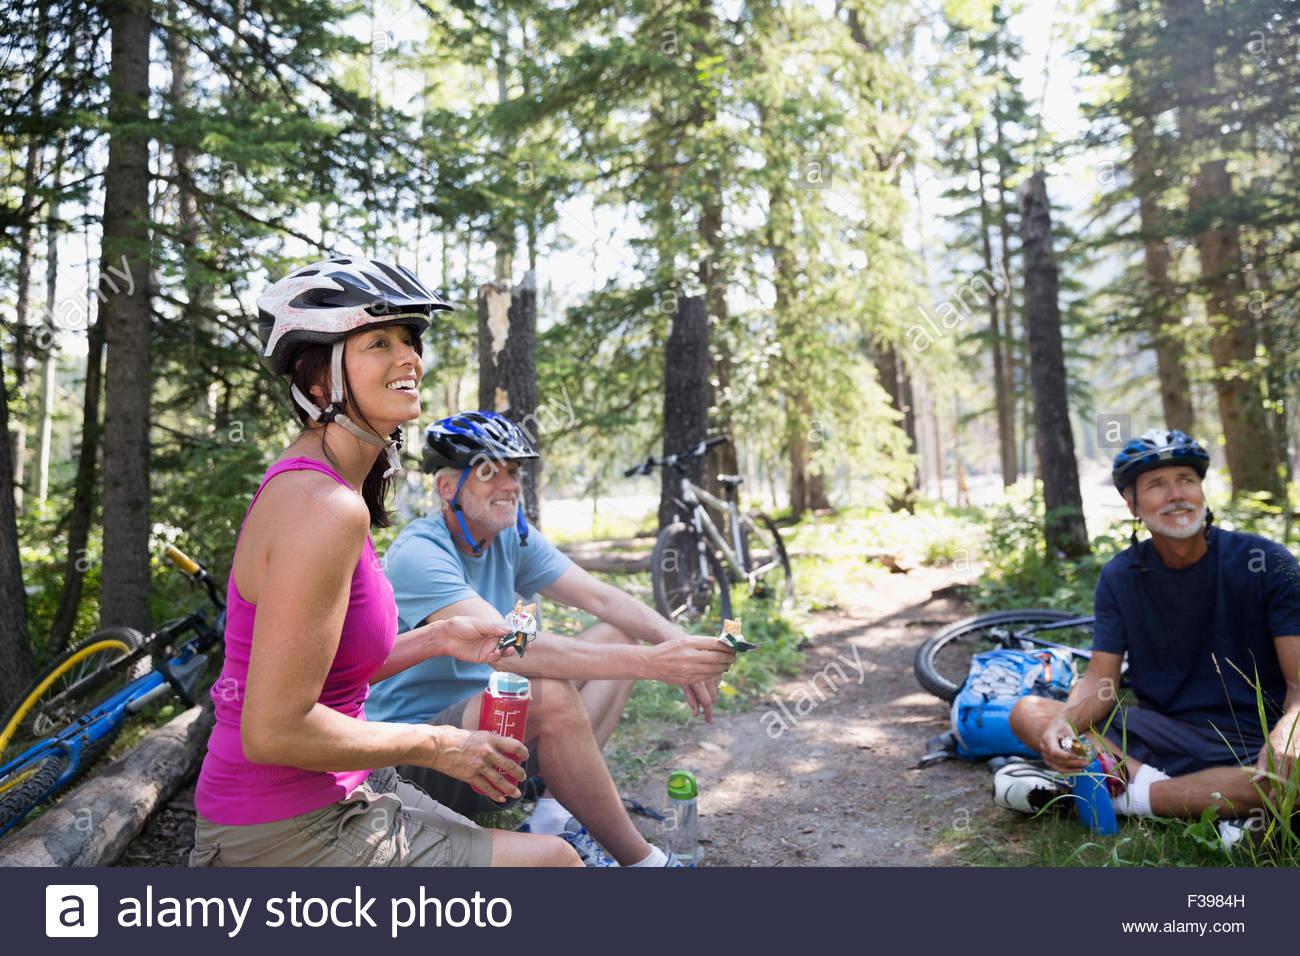 Mountain biking friends taking a break in woods - Stock Image